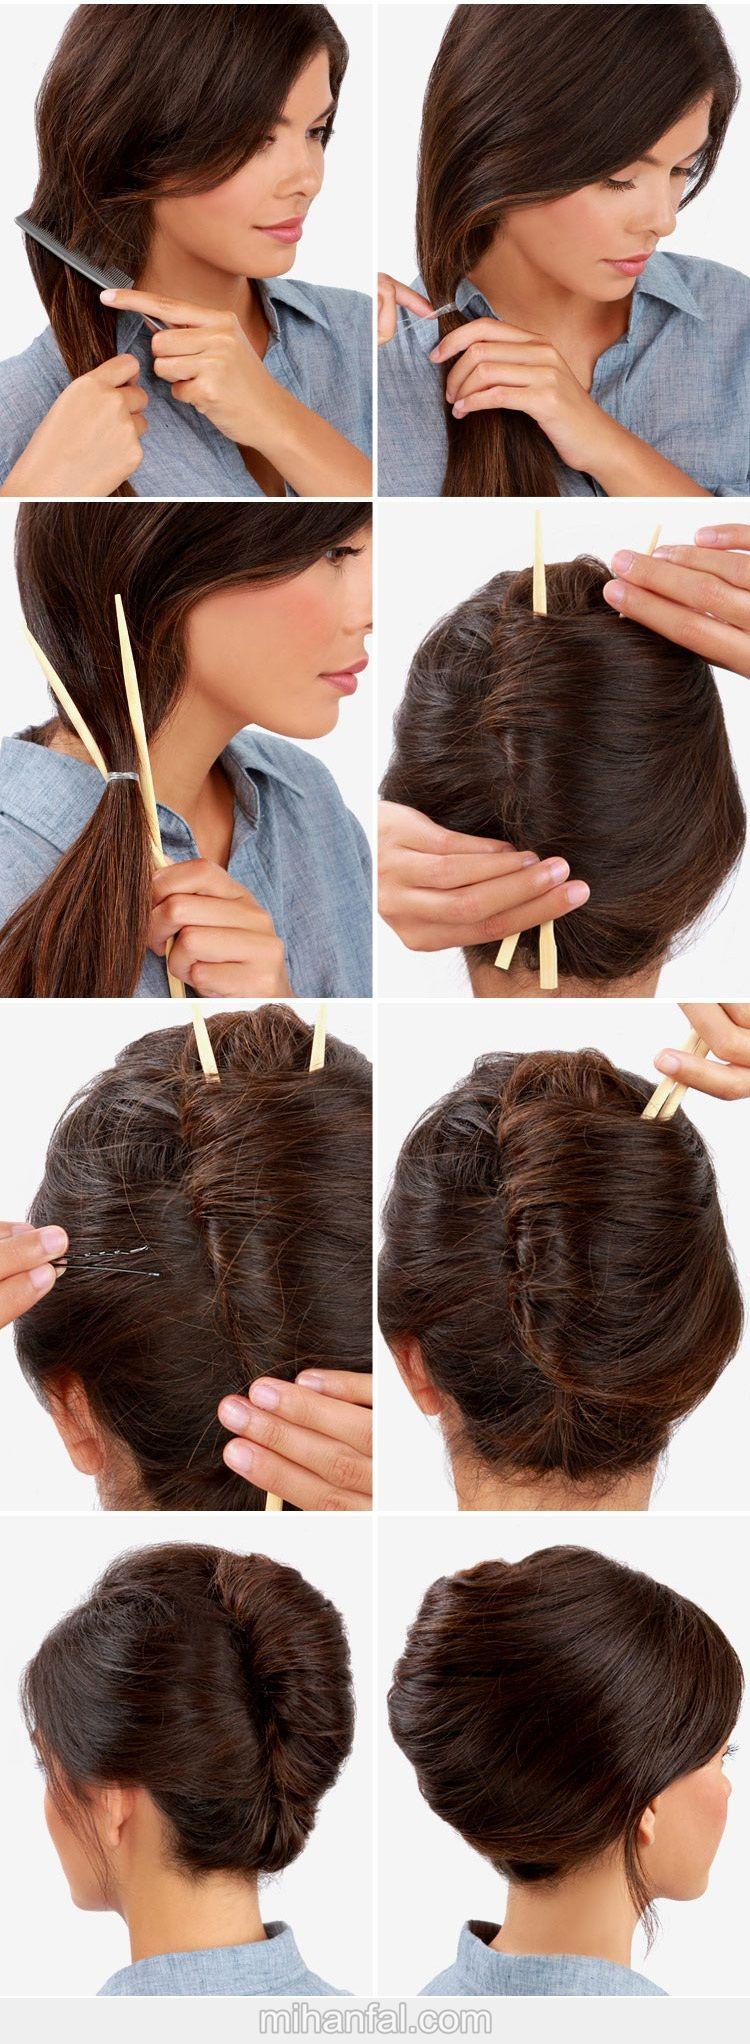 آموزش تصویری درست کردن مدل موی فرانسوی